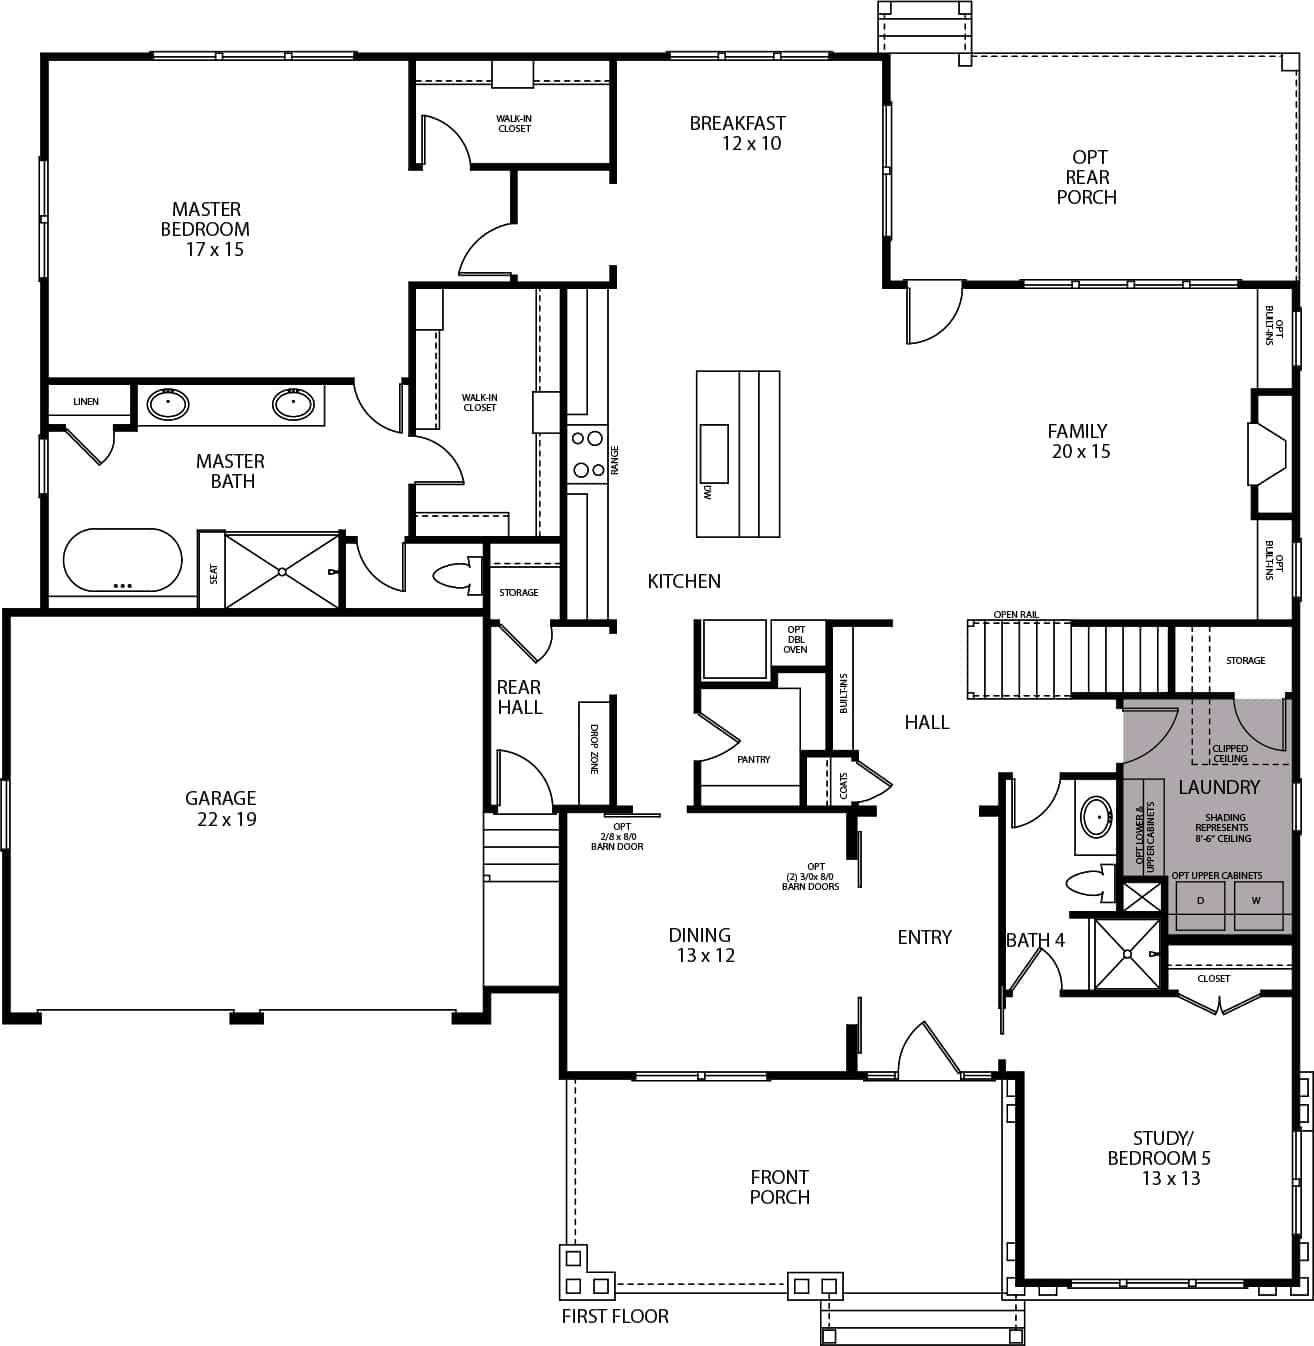 3764A-first-floor.jpg